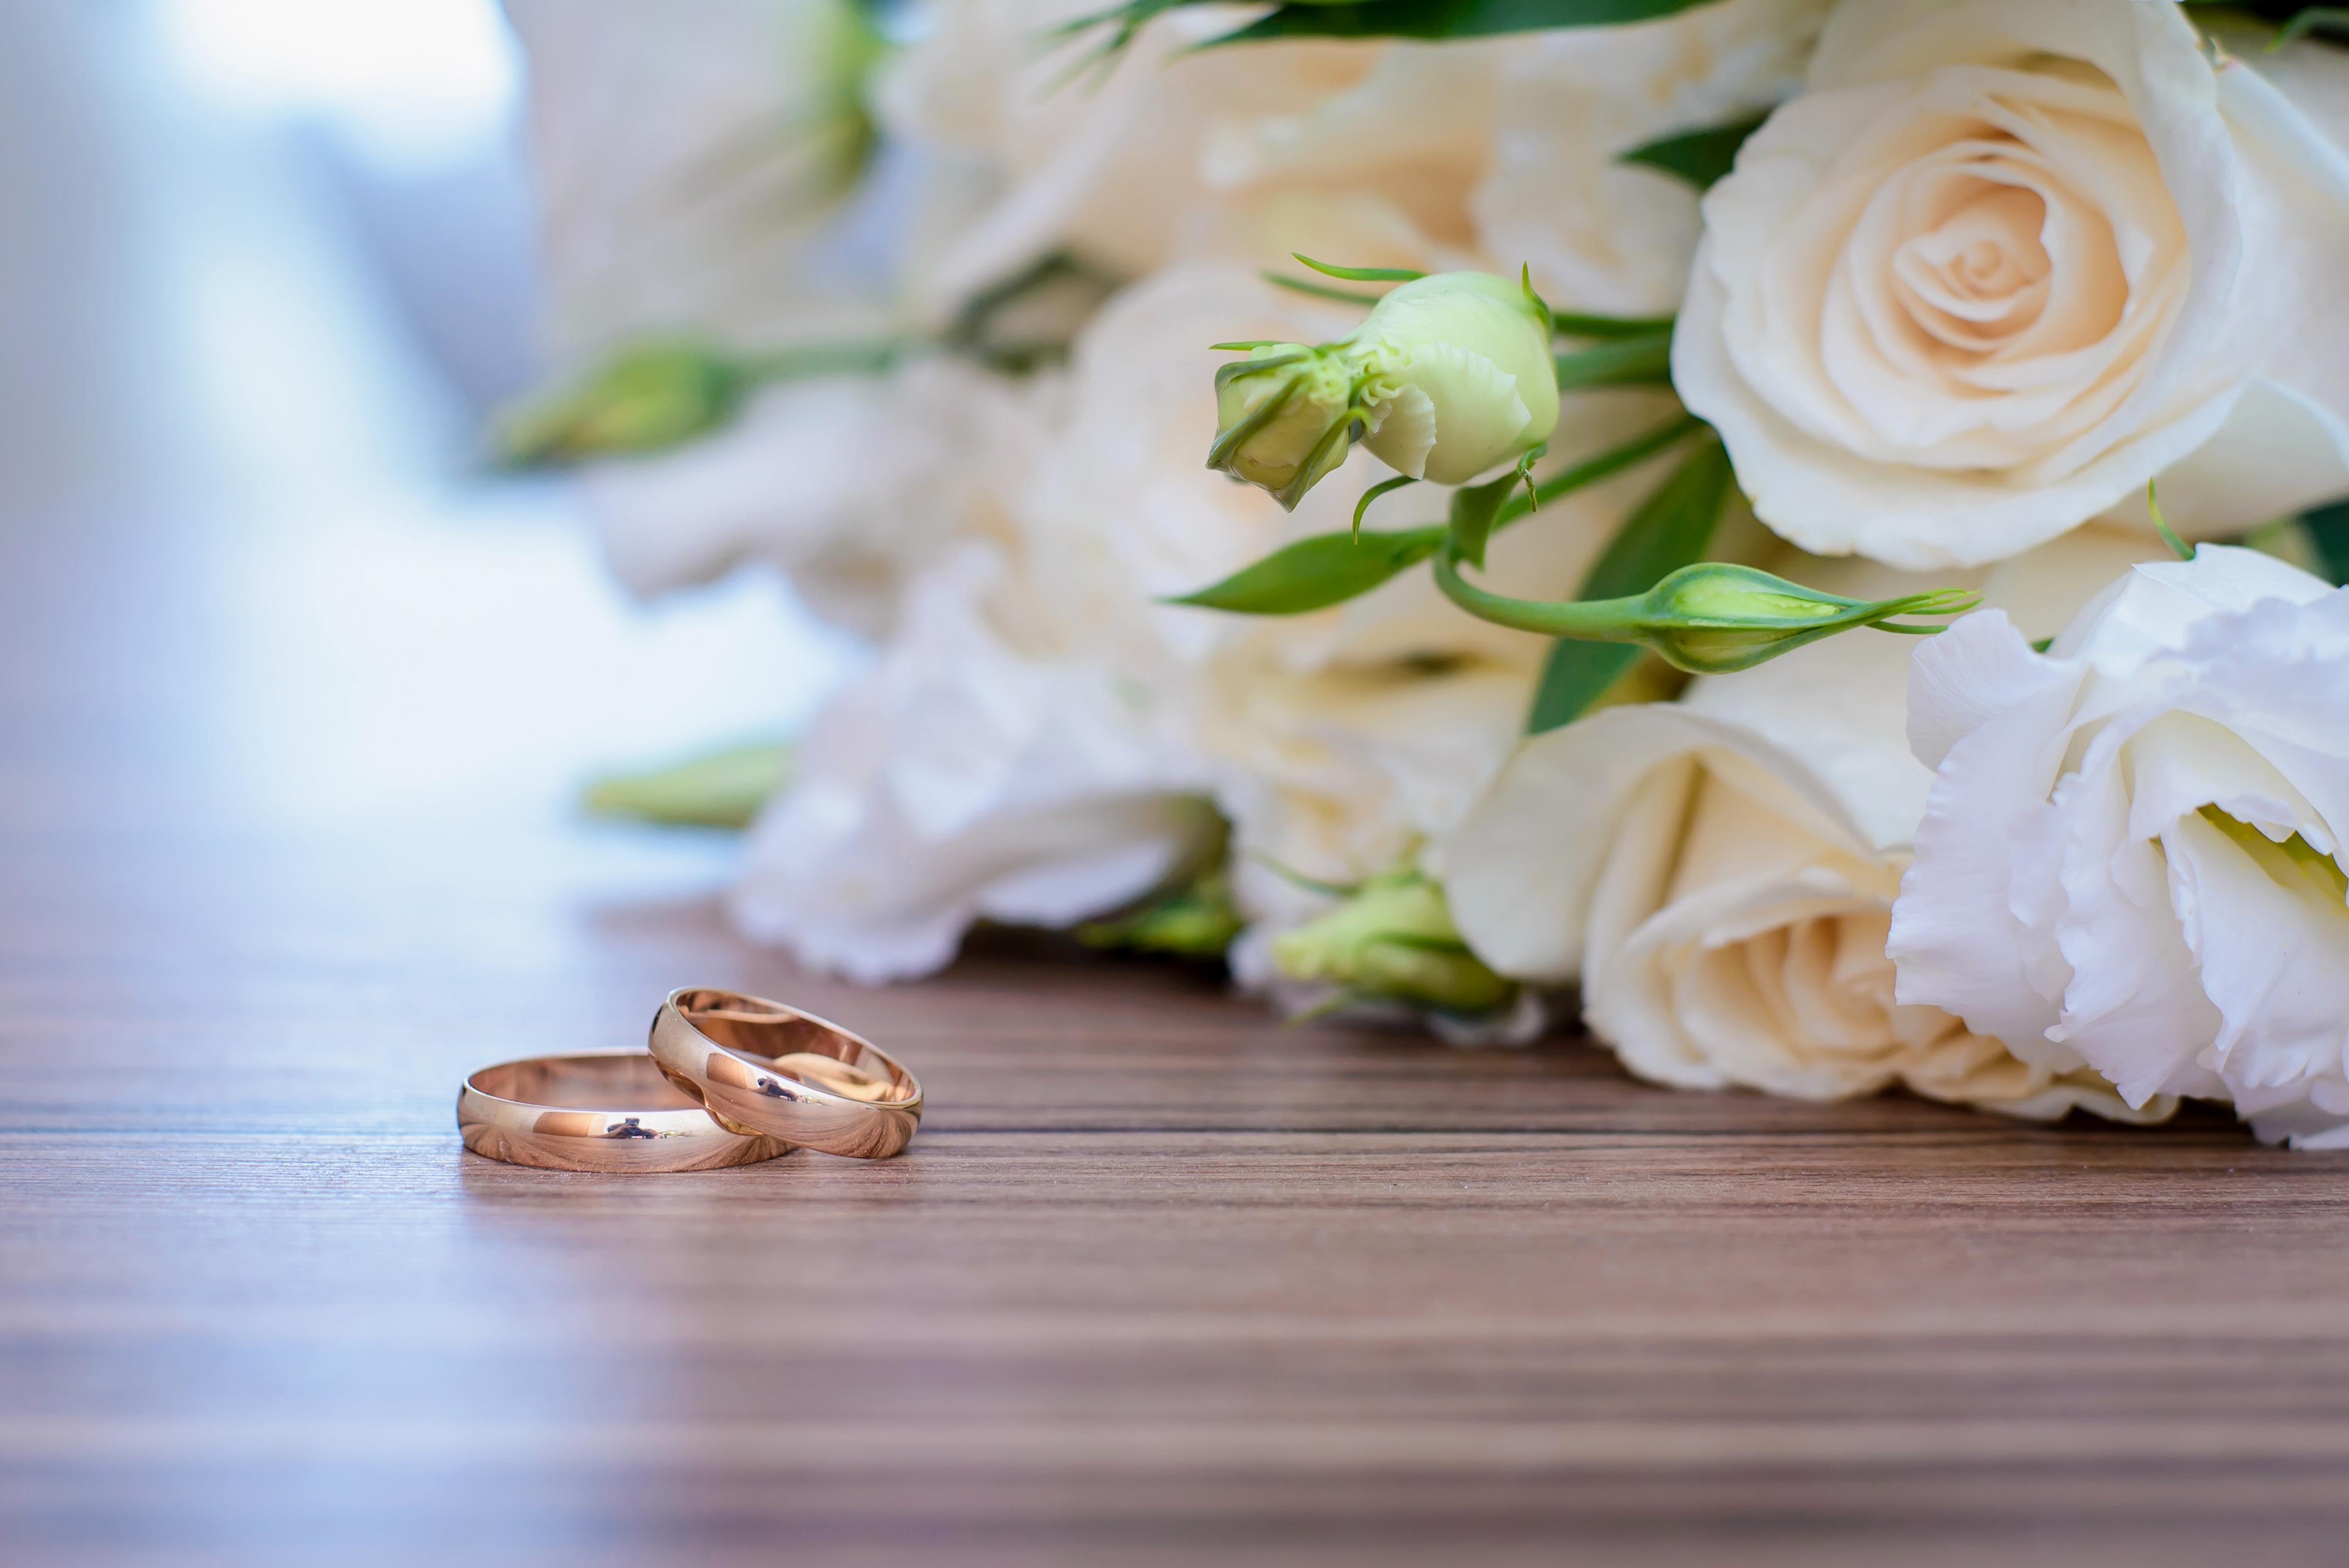 Картинки днем, с днем свадьбы картинки нежные